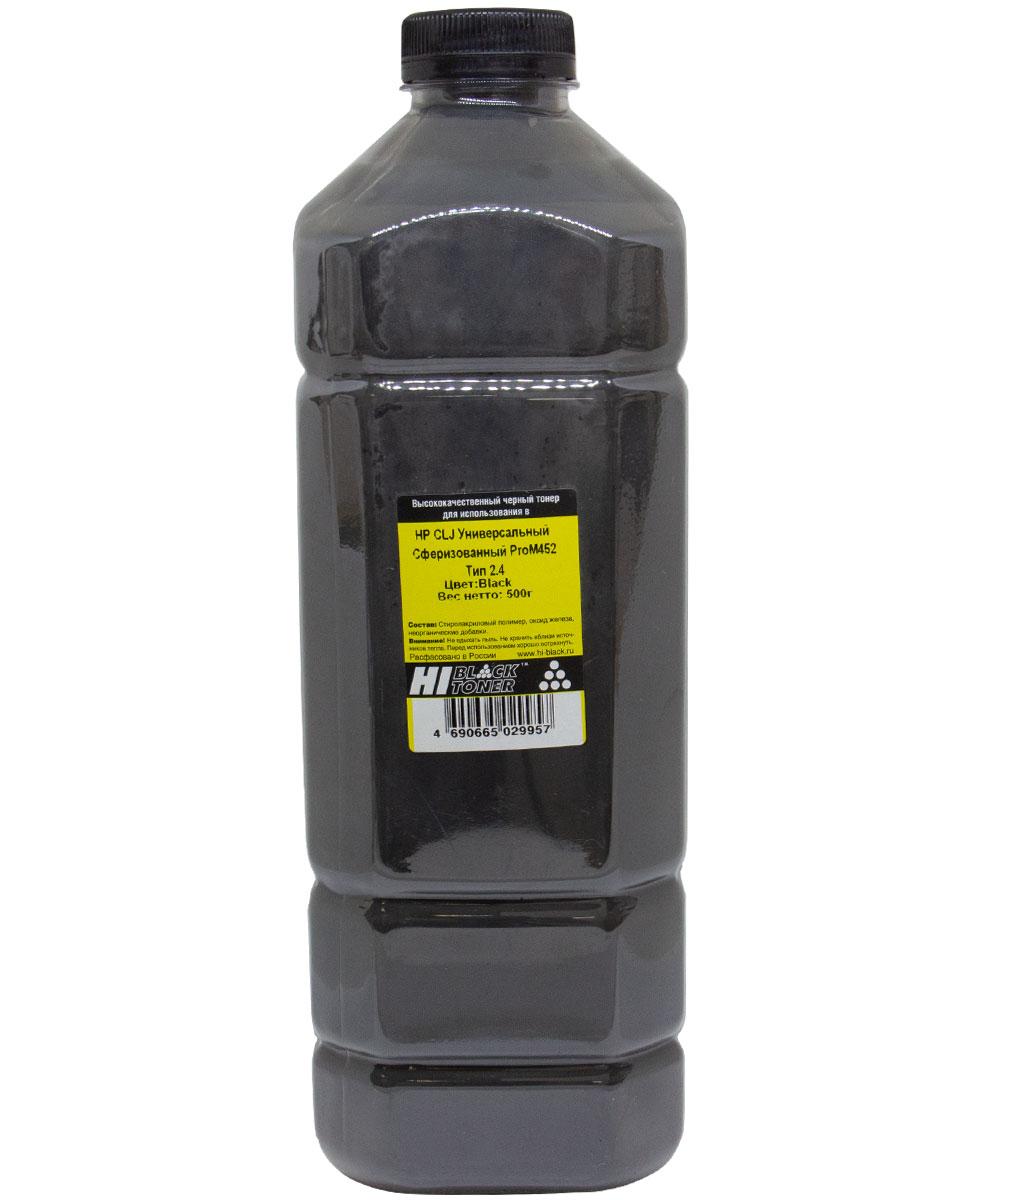 Тонер Hi-Black Универсальный для HP CLJ ProM452, Сферизованный, Тип 2.4, Bk, 500г, канистра